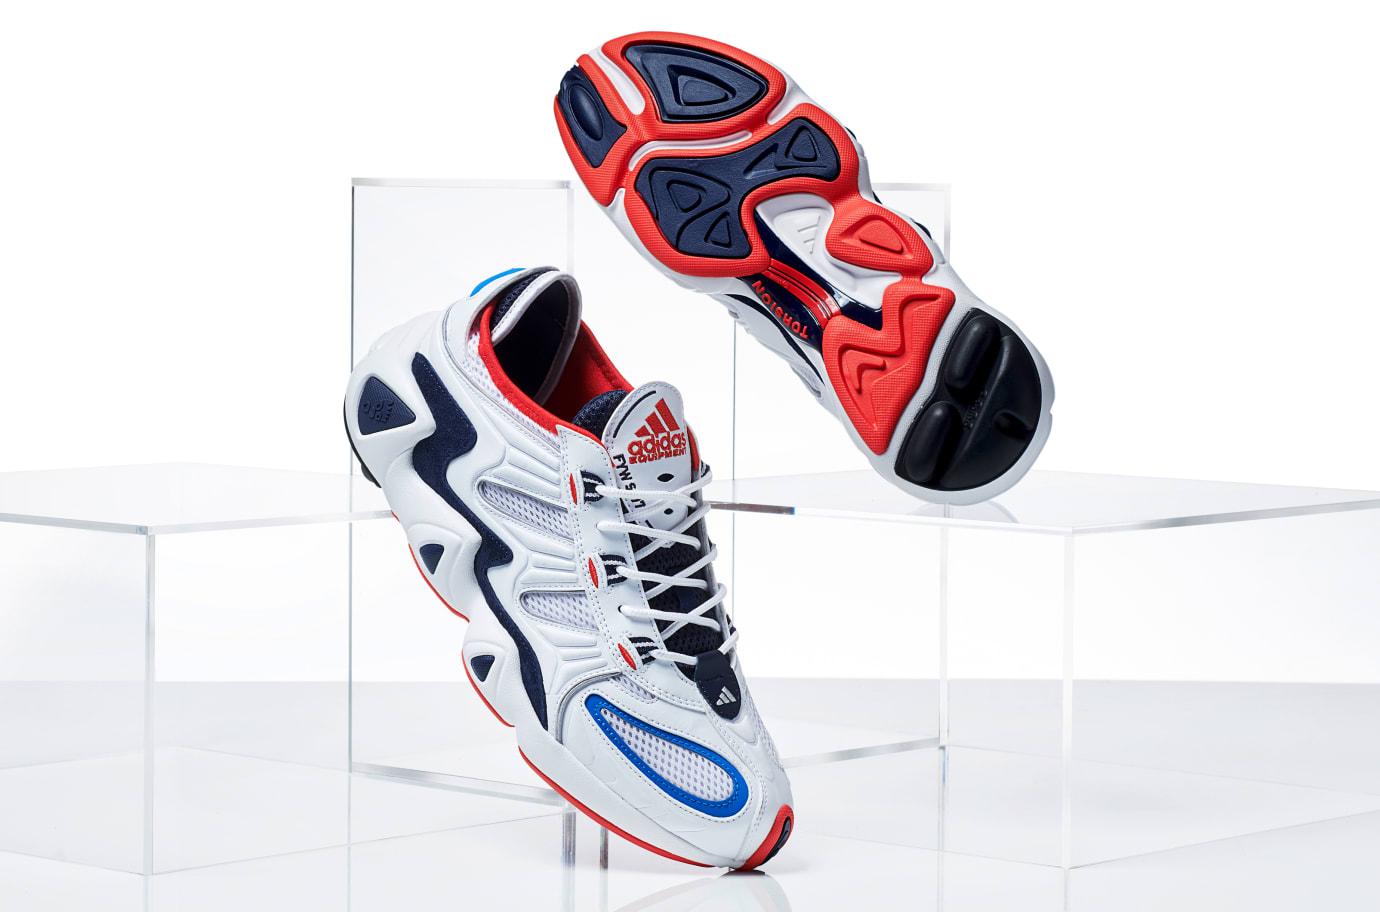 Adidas Consortium FYW S-97 C27704 1